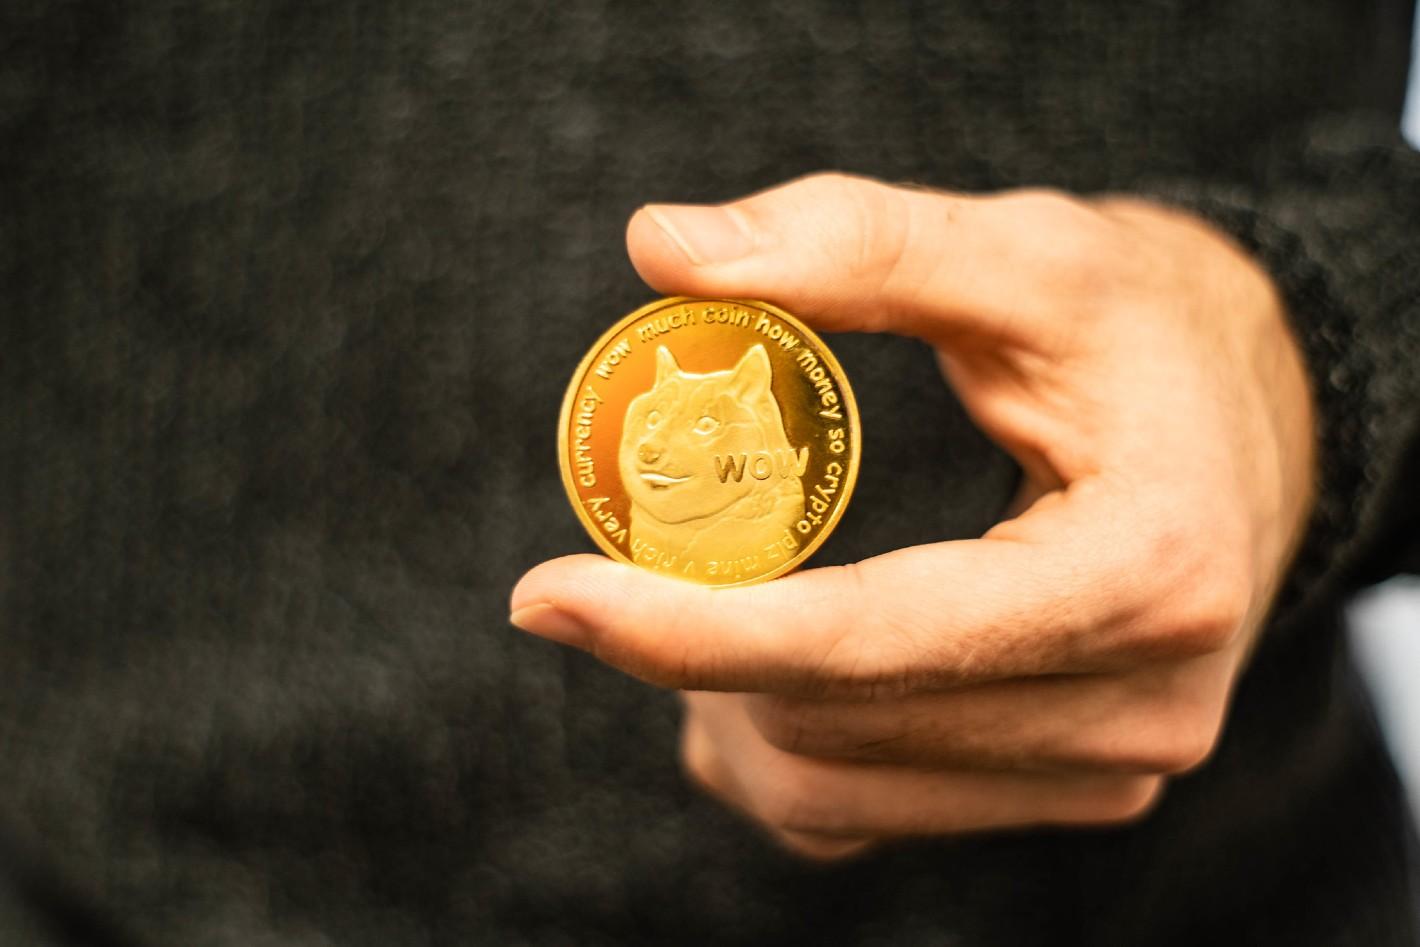 یک سرمایه گذار حوزه رمز ارز دوج کوین (Dogecoin) داستان میلیونر شدن خود پس از سرمایه گذاری در قالب این رمز ارز را بیان کرده است.